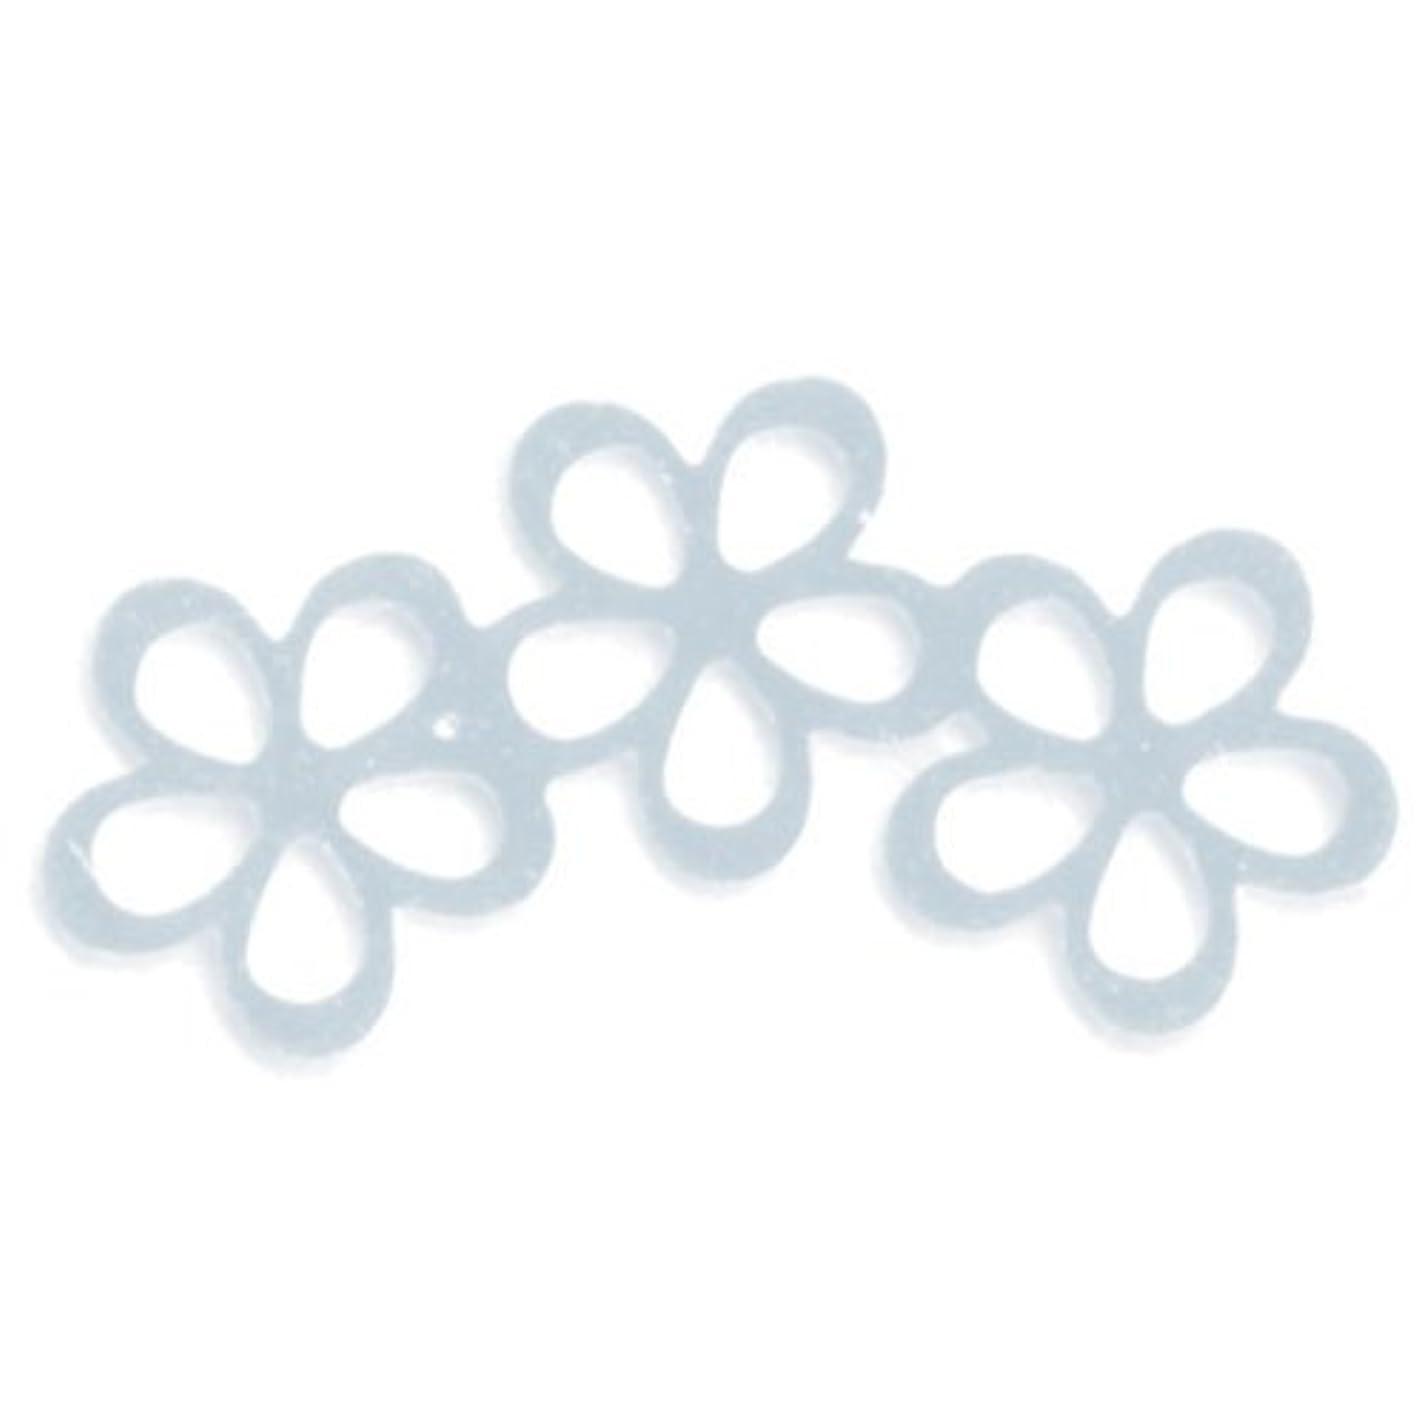 アベニュー耕す論文リトルプリティー ネイルアートパーツ シャイニーフラワー3連スカシ シルバー 10個